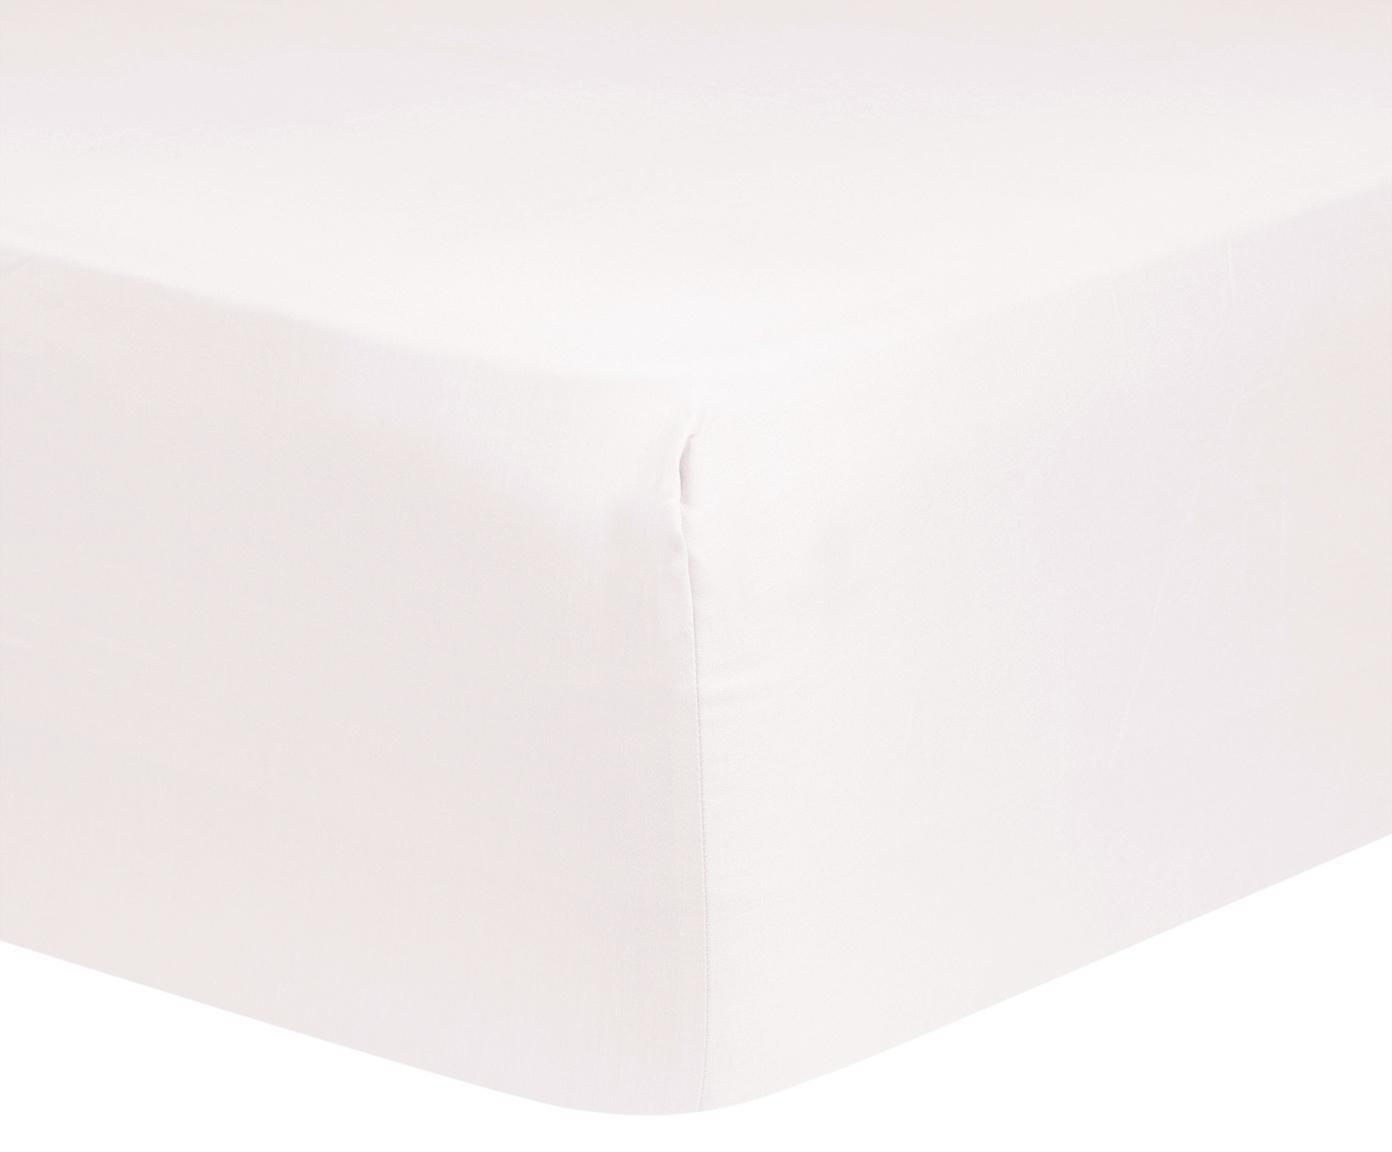 Spannbettlaken Comfort, Baumwollsatin, Webart: Satin, leicht glänzend, Rosa, 90 x 200 cm